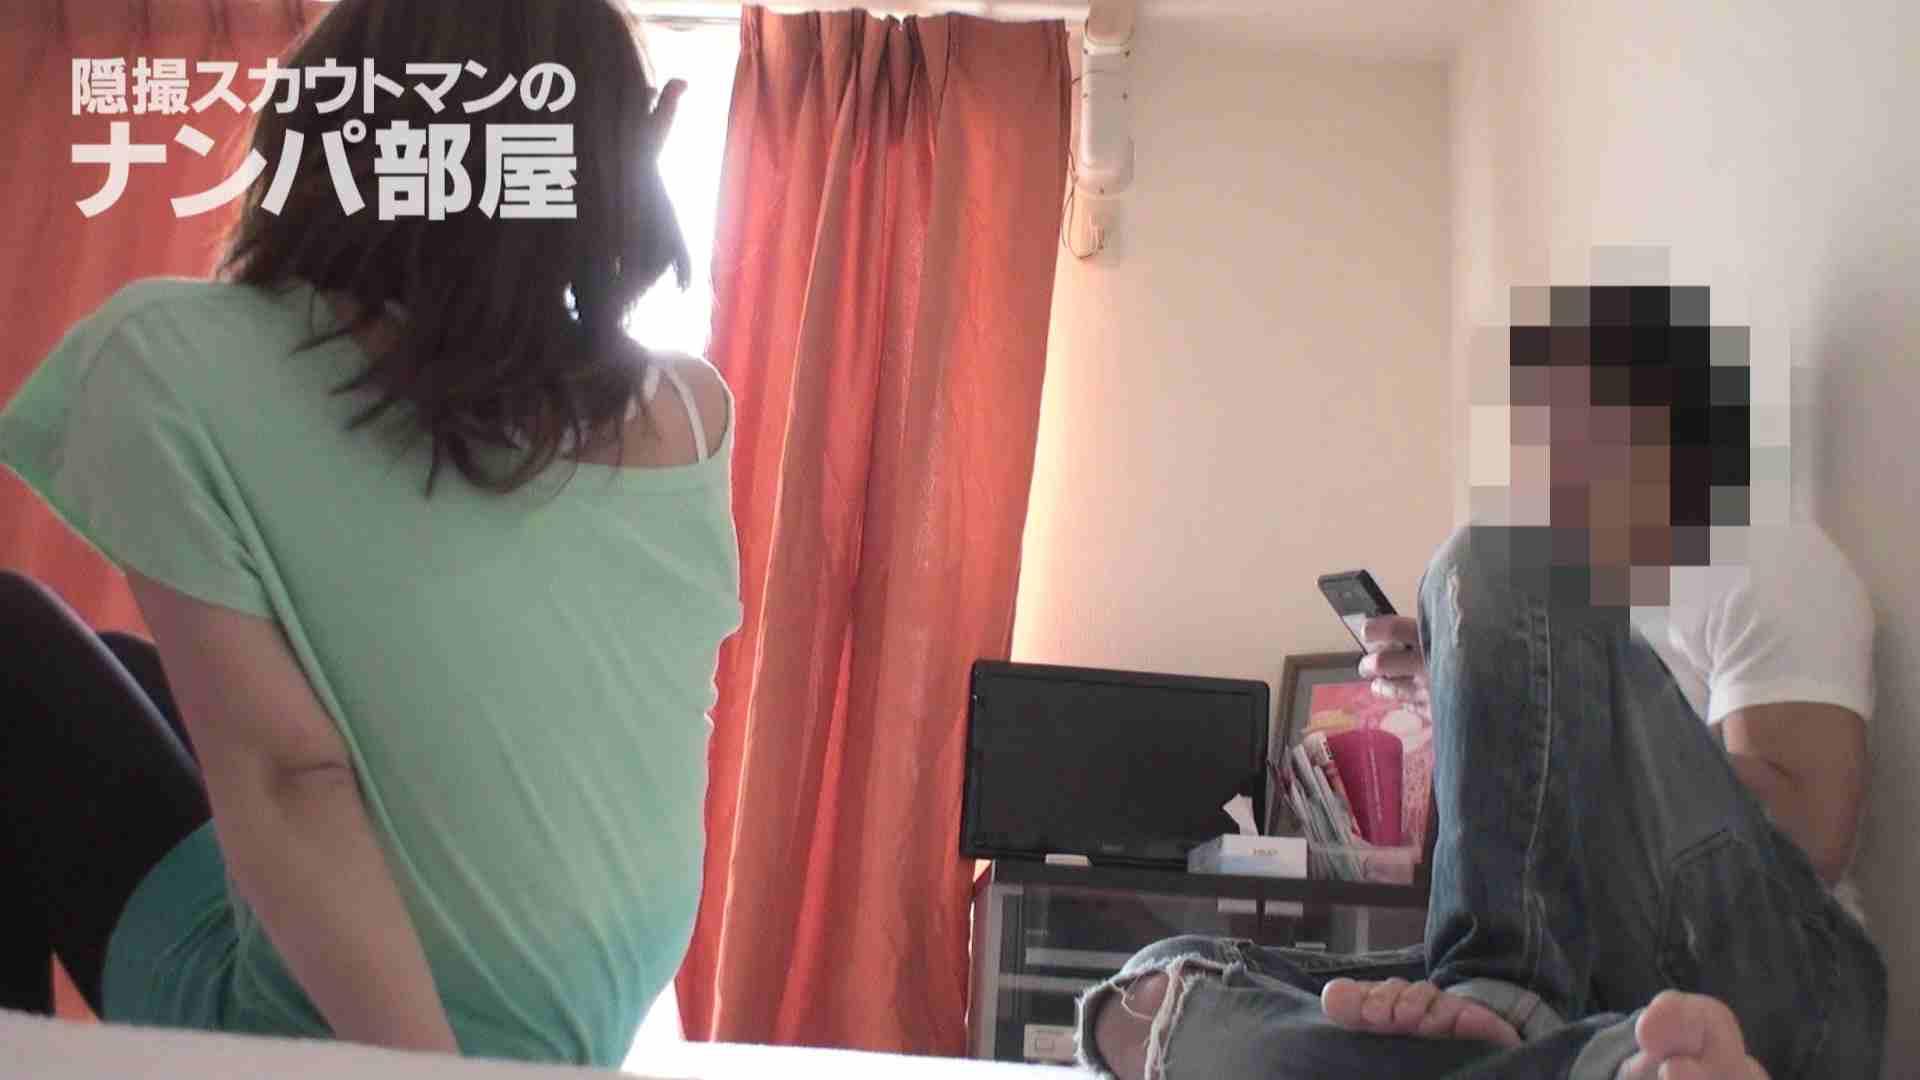 隠撮スカウトマンのナンパ部屋~風俗デビュー前のつまみ食い~ siivol.4 隠撮 | 中出し  91pic 6